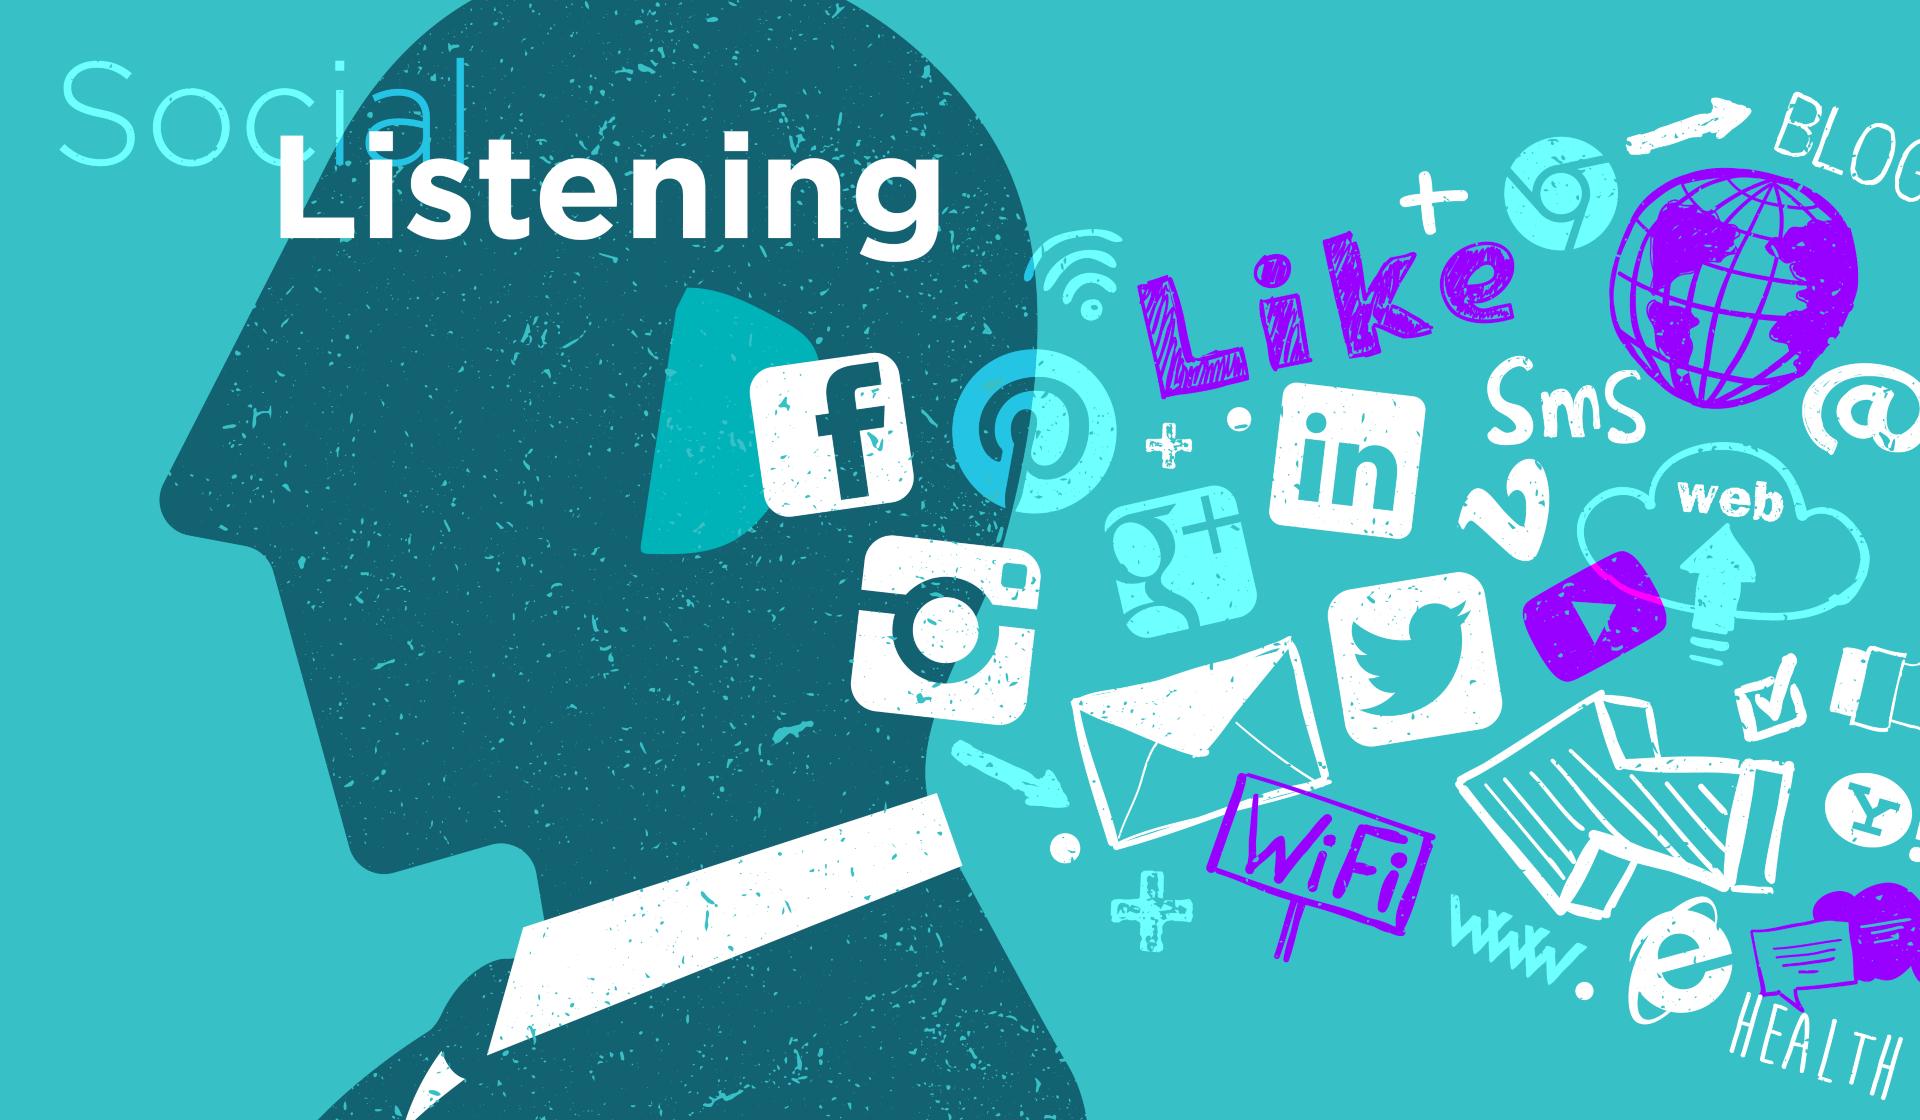 Cómo definir una estrategia de social listening eficaz